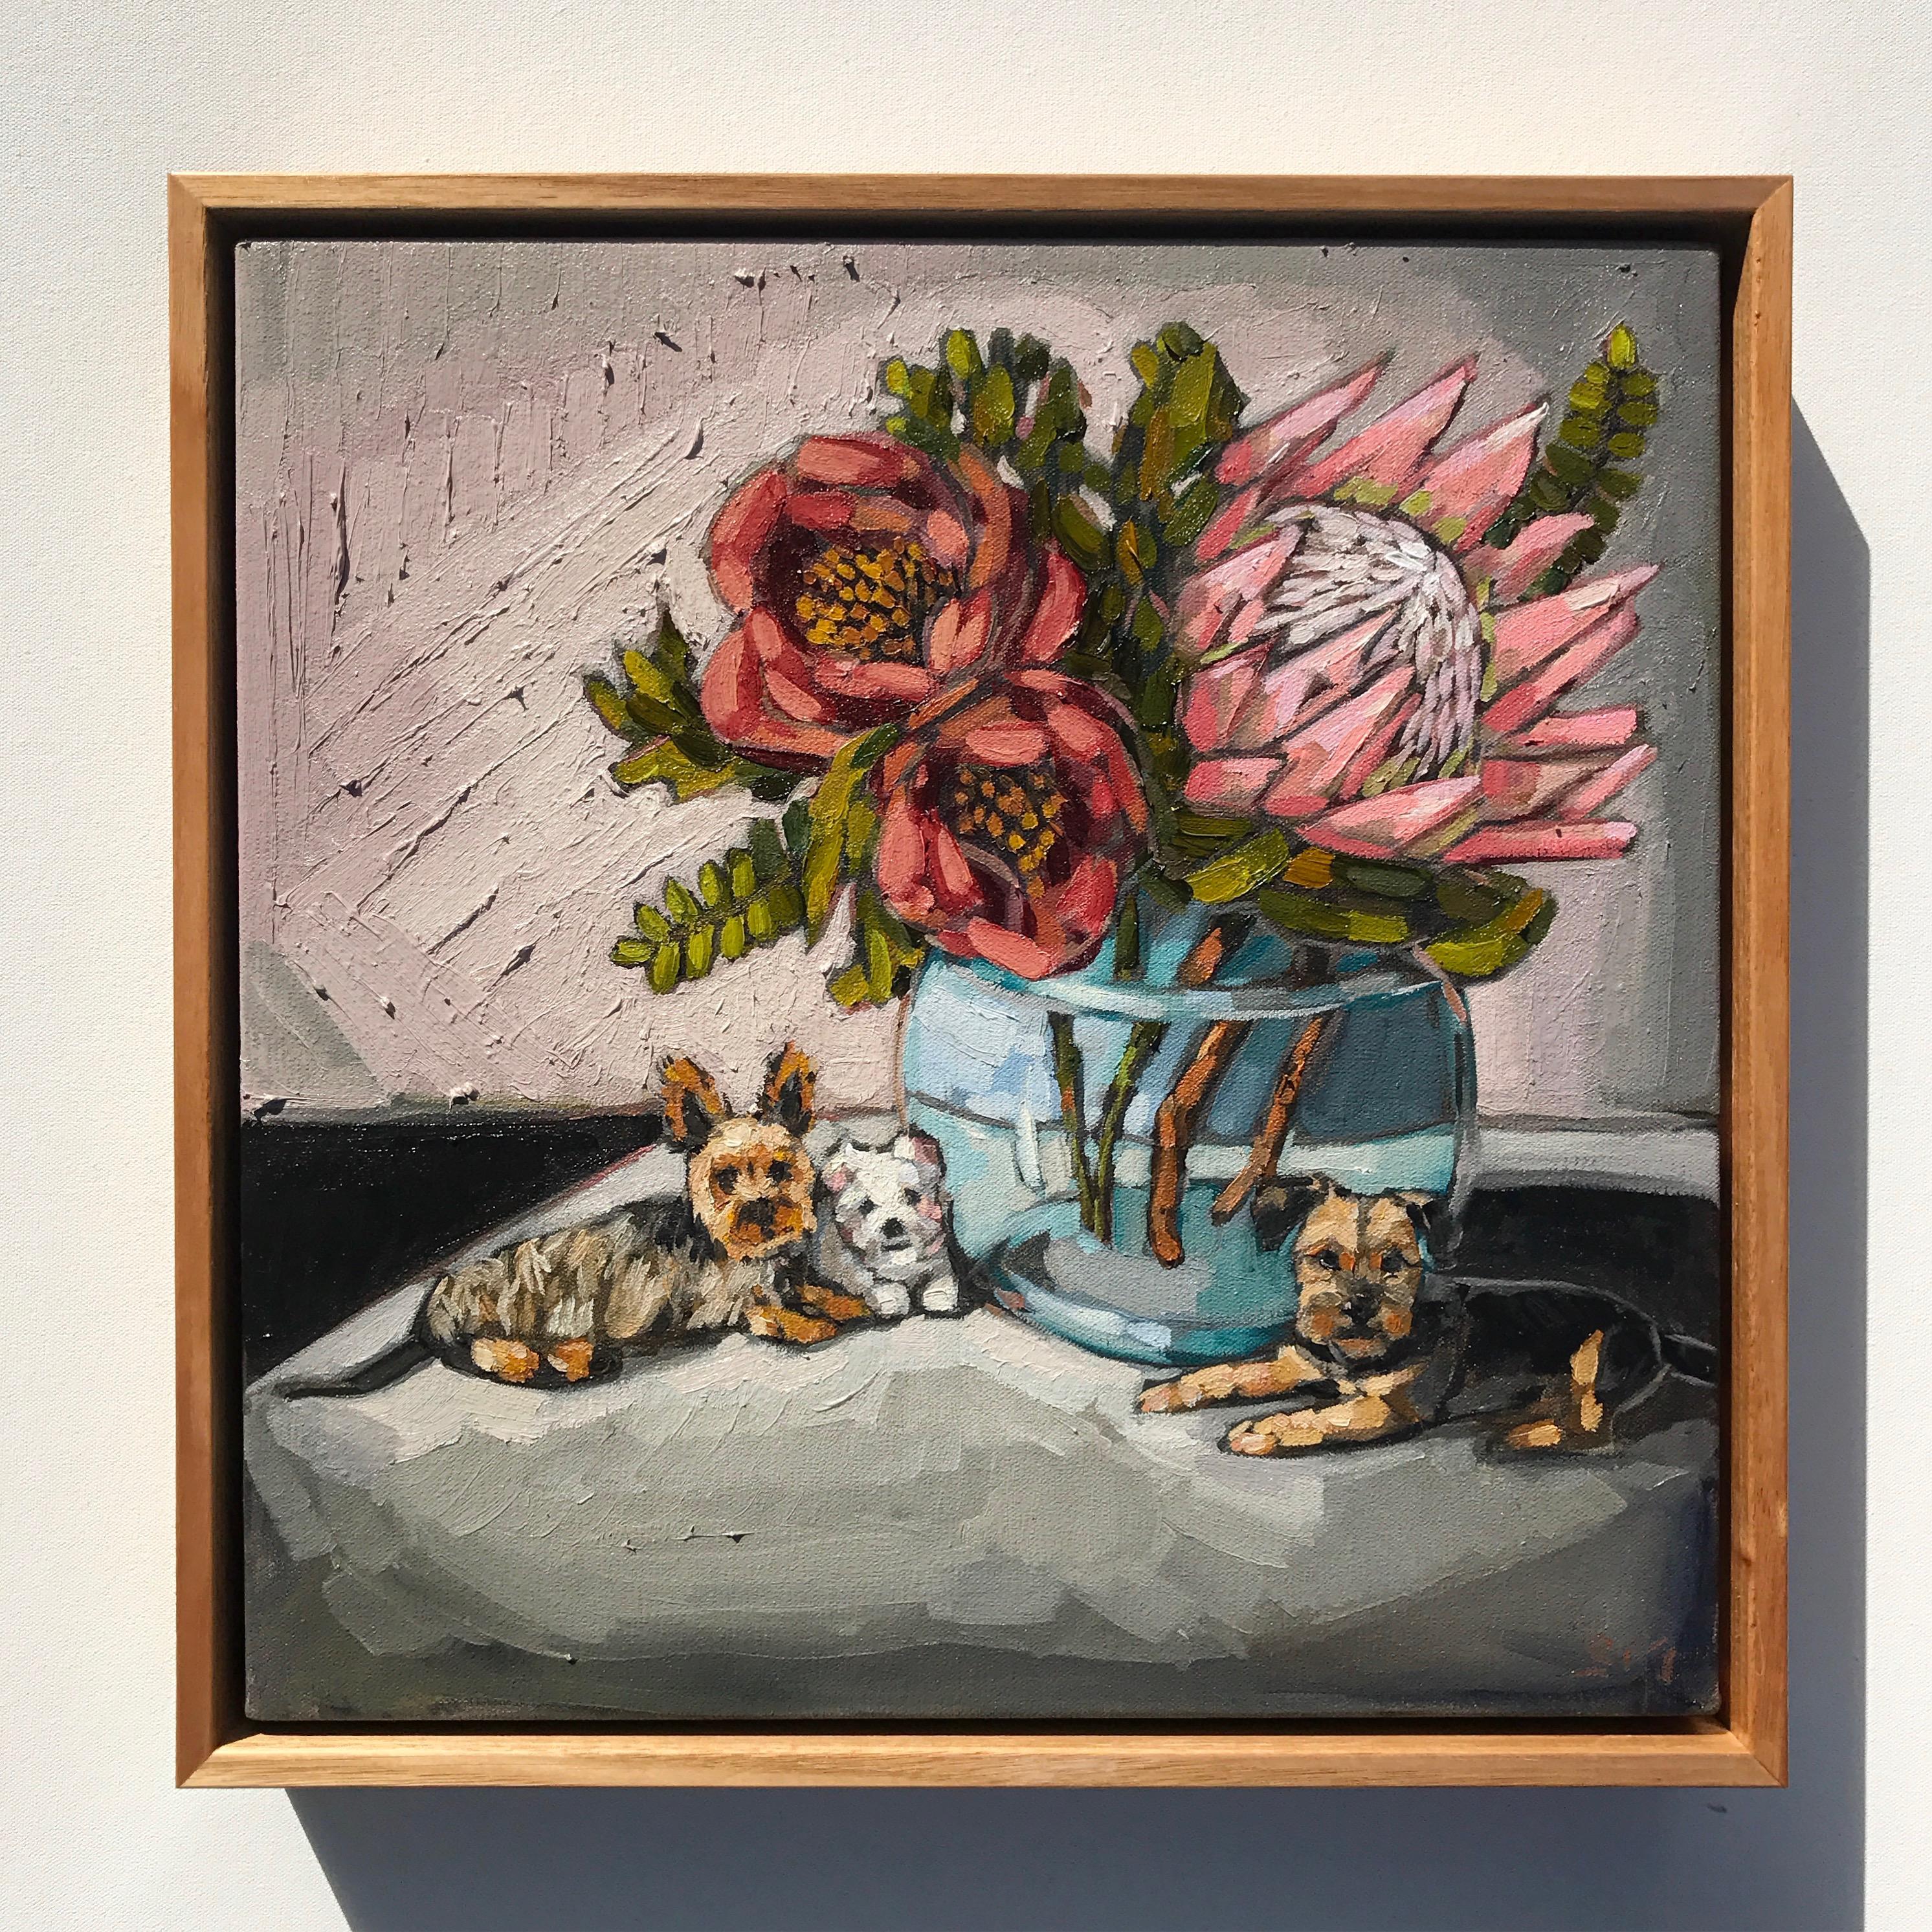 02_17 'Maxi, Freddie, Mae' Commission 40x40cm